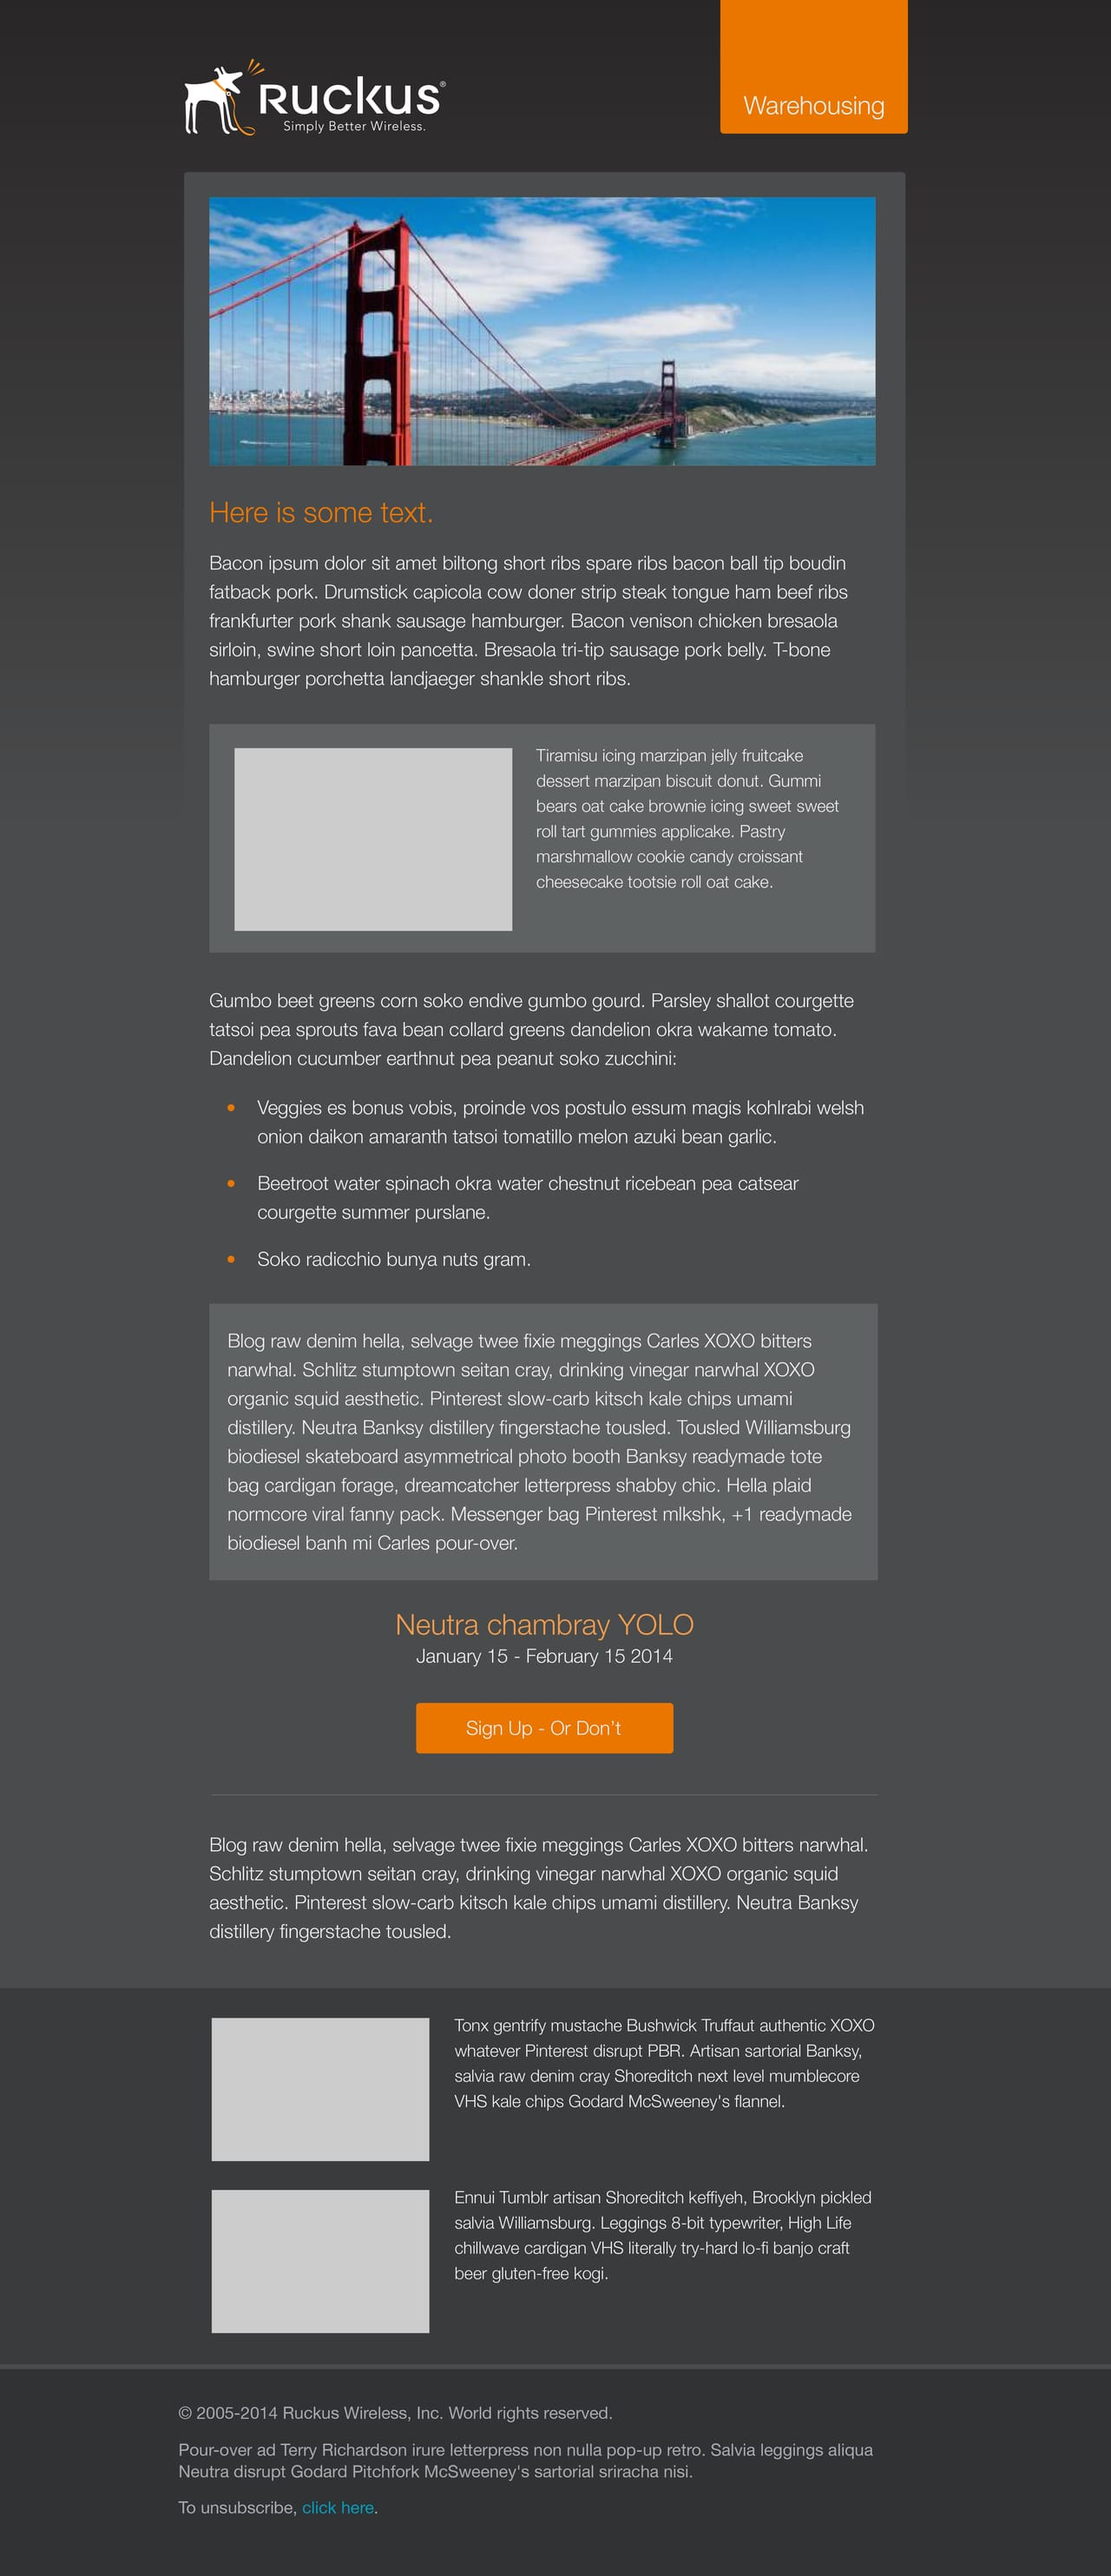 Ruckus Wireless - Email Templates - Heather Romero